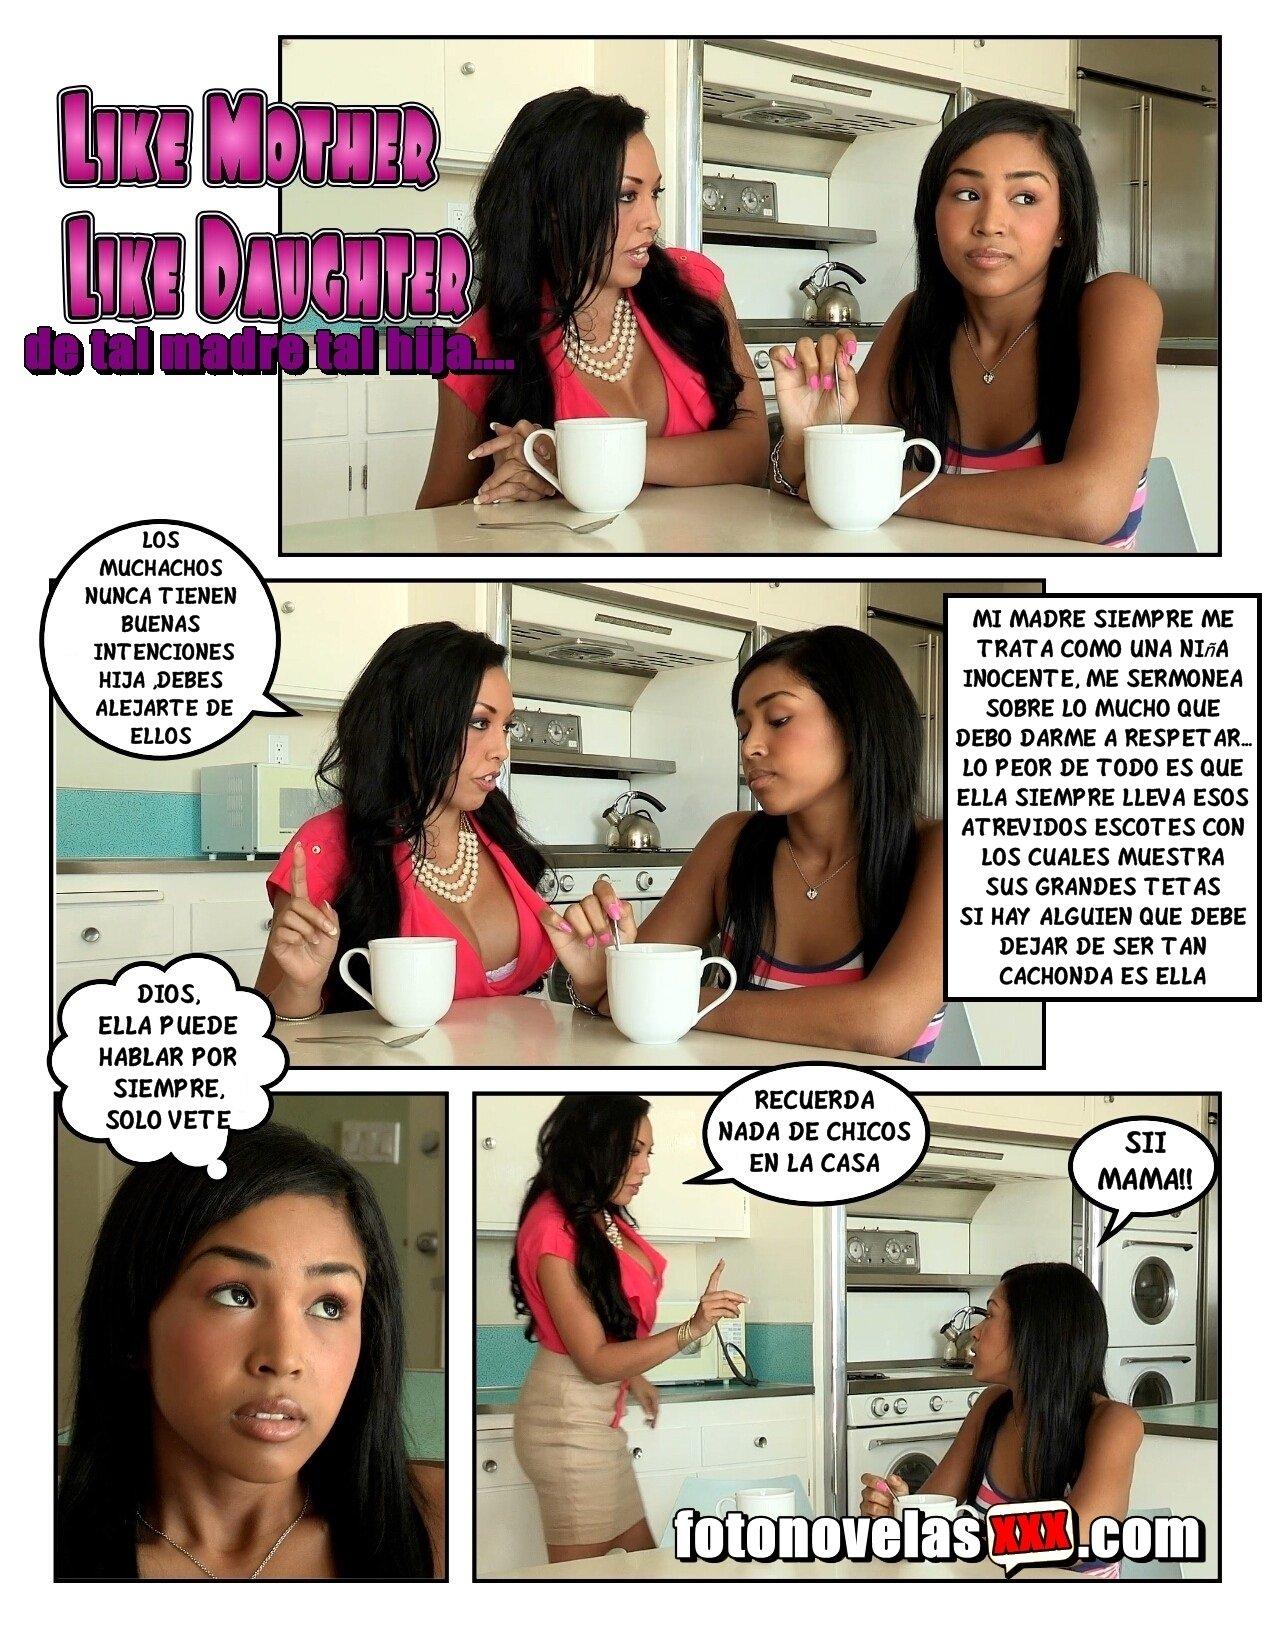 A Madre Porno de tal madre tal hija foto historia xxx de incesto trio